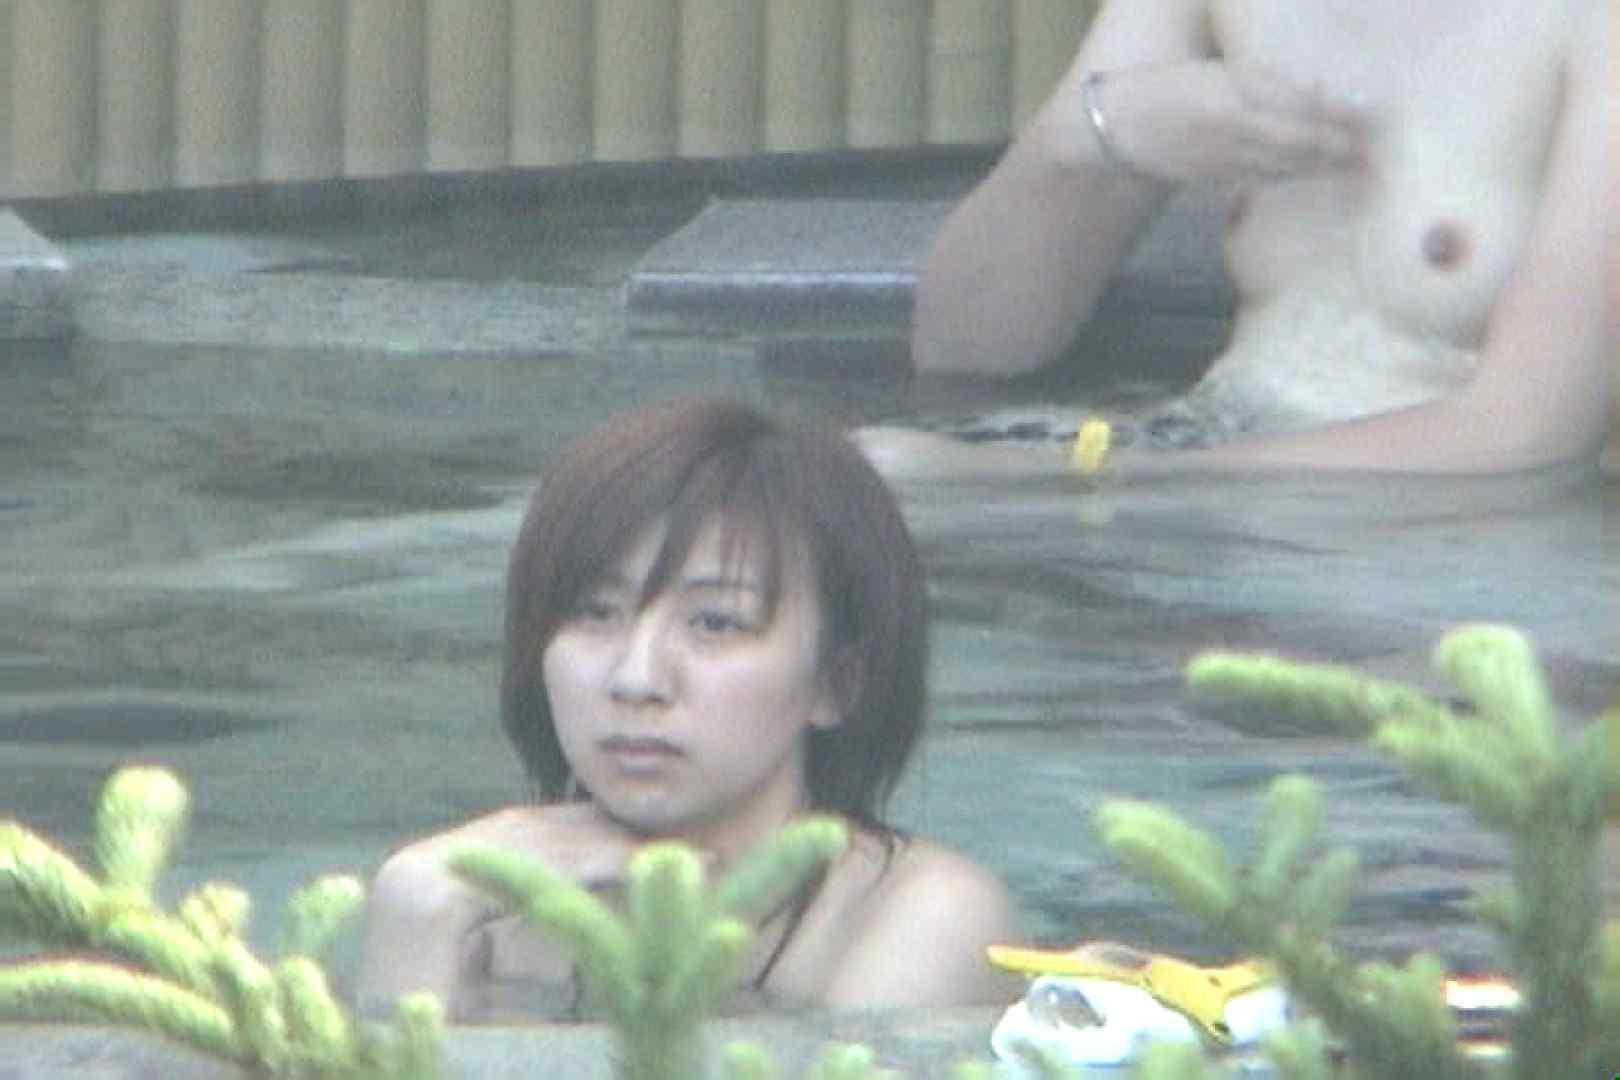 Aquaな露天風呂Vol.77【VIP限定】 美しいOLの裸体  96pic 6